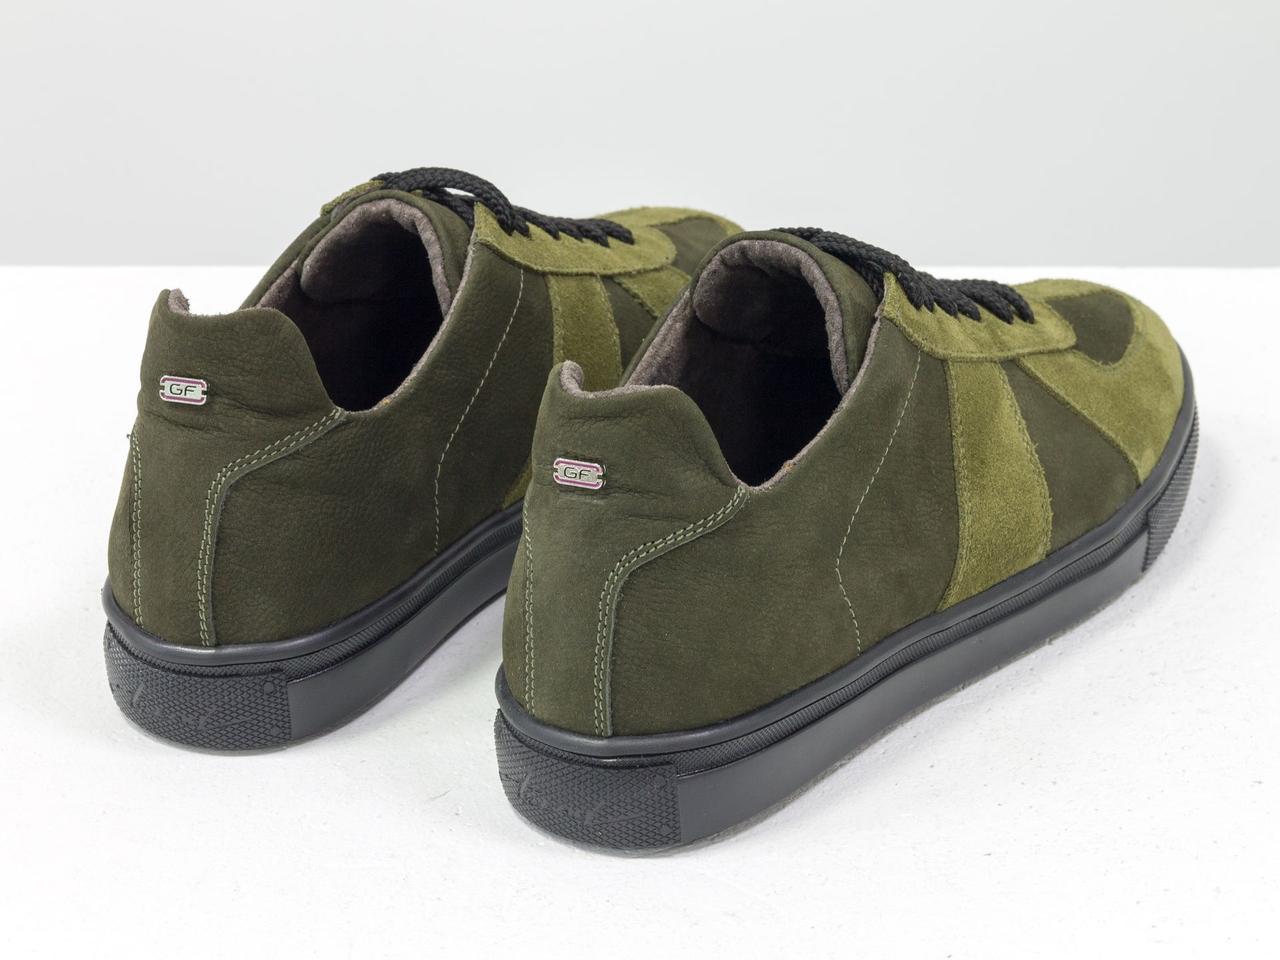 Стильные кроссовки из натуральной замши и матовой кожи оливкового и болотного цвета 41 - фото 5